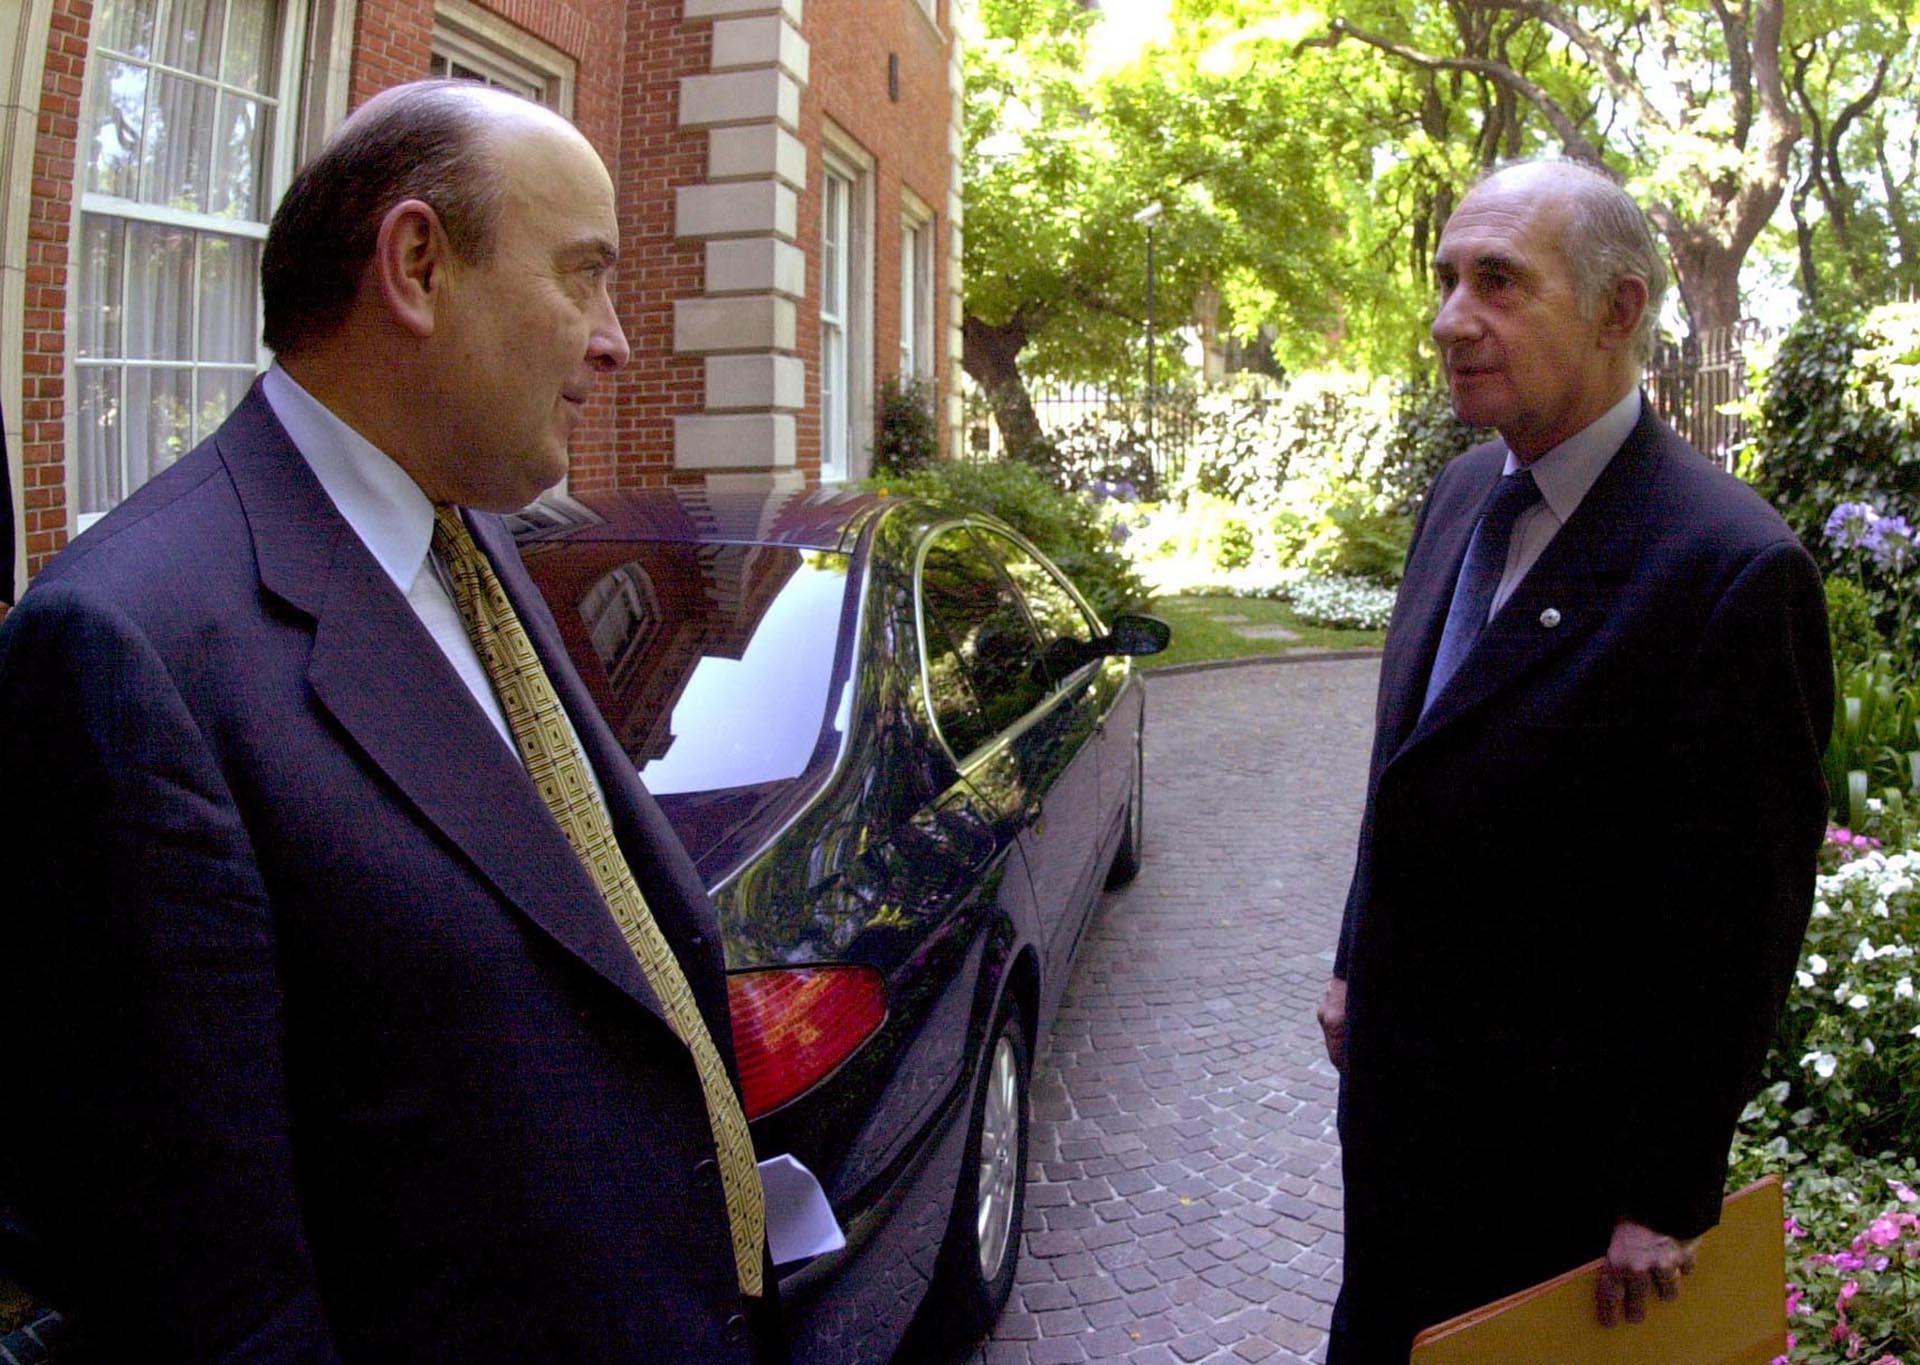 Otra imagen junto a Cavallo: ante una corrida bancaria, el entonces Ministro de Economía instauró una medida conocida como Corralito, que consistió en limitar los retiros en efectivo